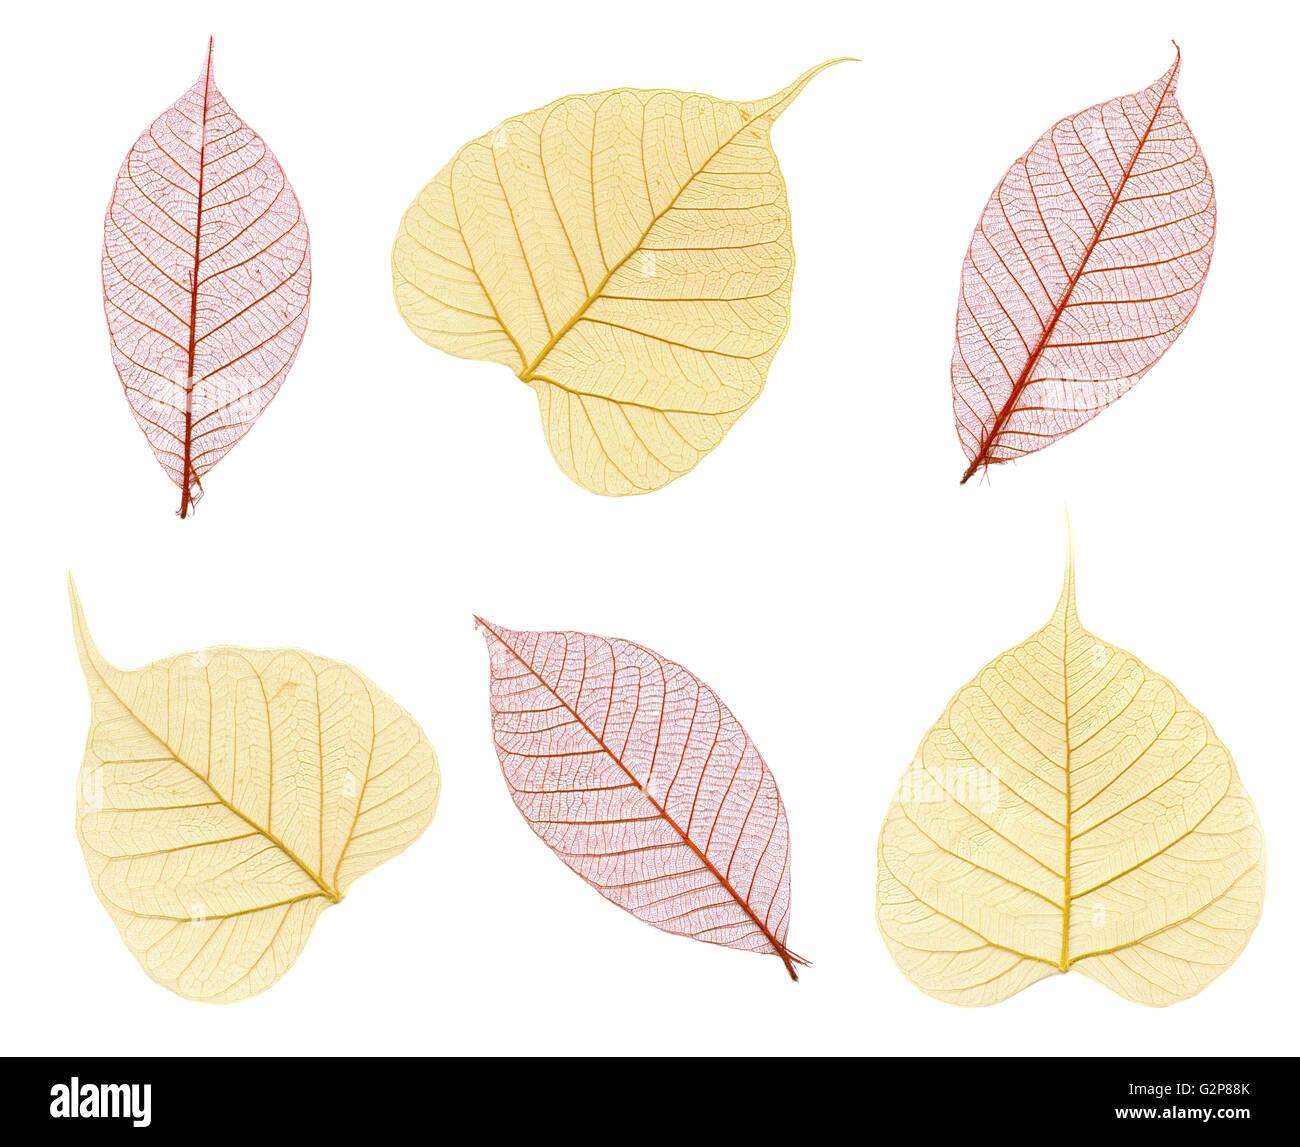 Seis esqueletos de hojas de otoño en marrón y beige aislado en blanco Imagen De Stock